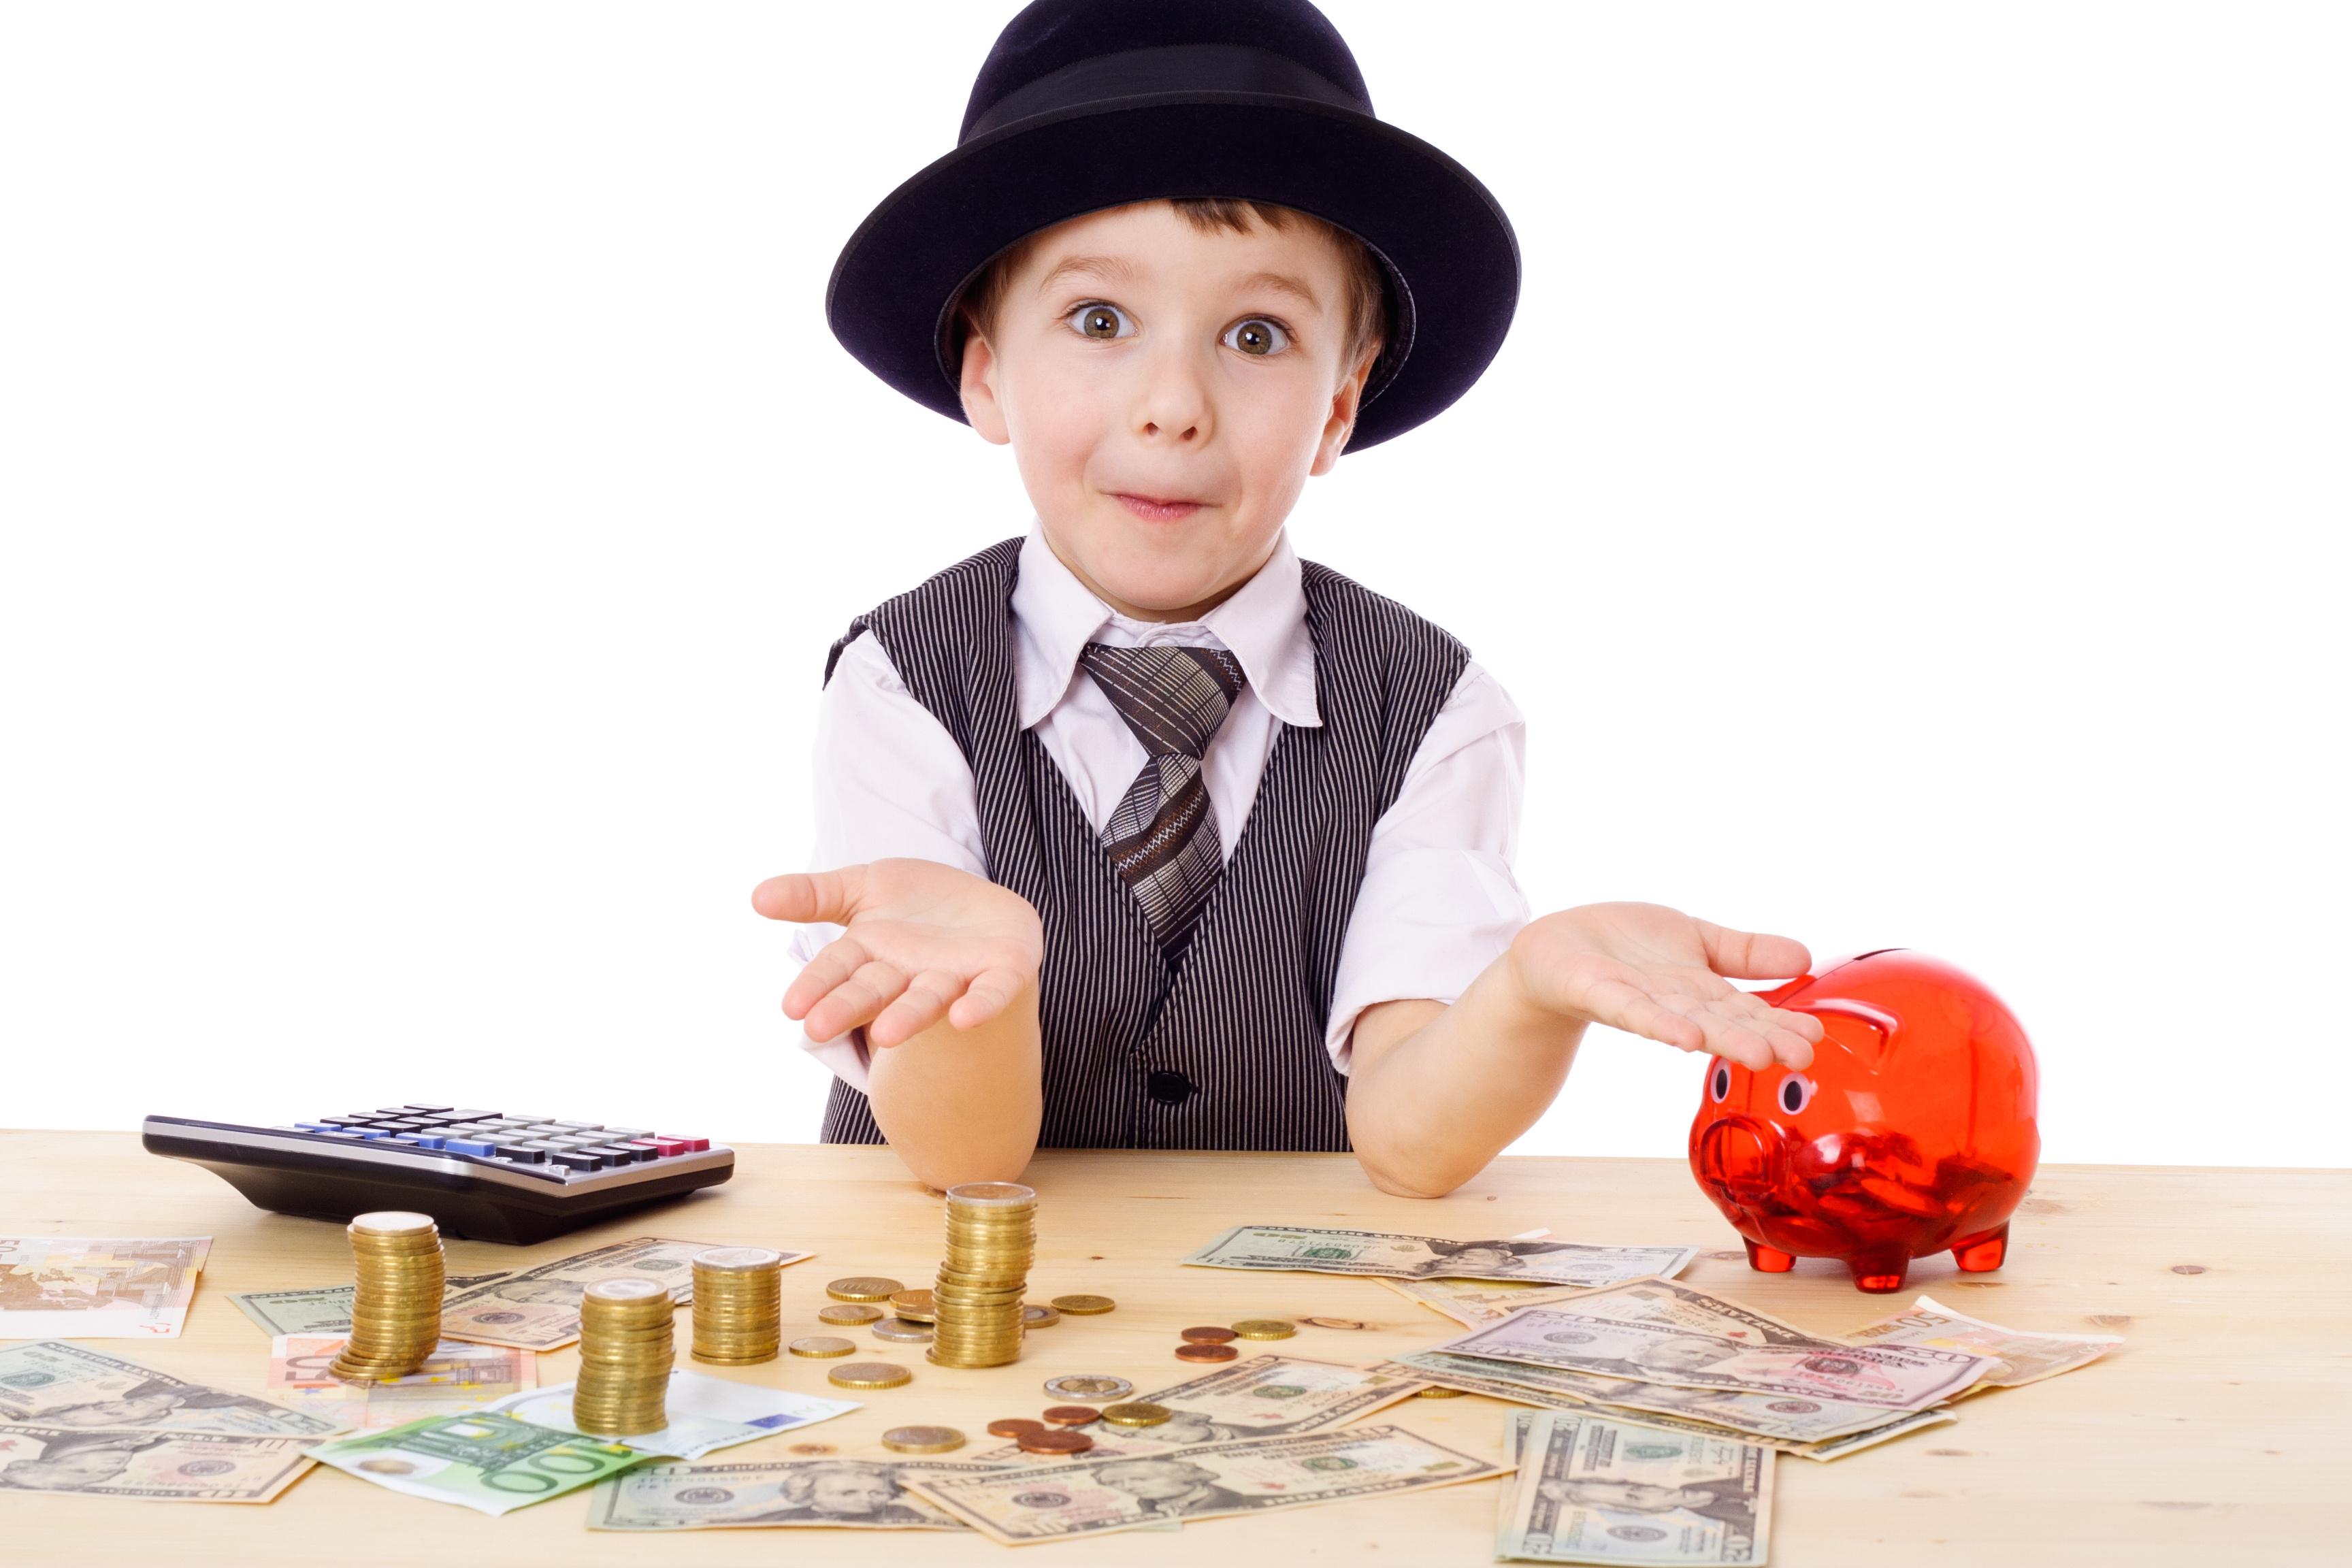 Liceele care promovează educația financiară pot primi finanțări de până la 10 mii de euro